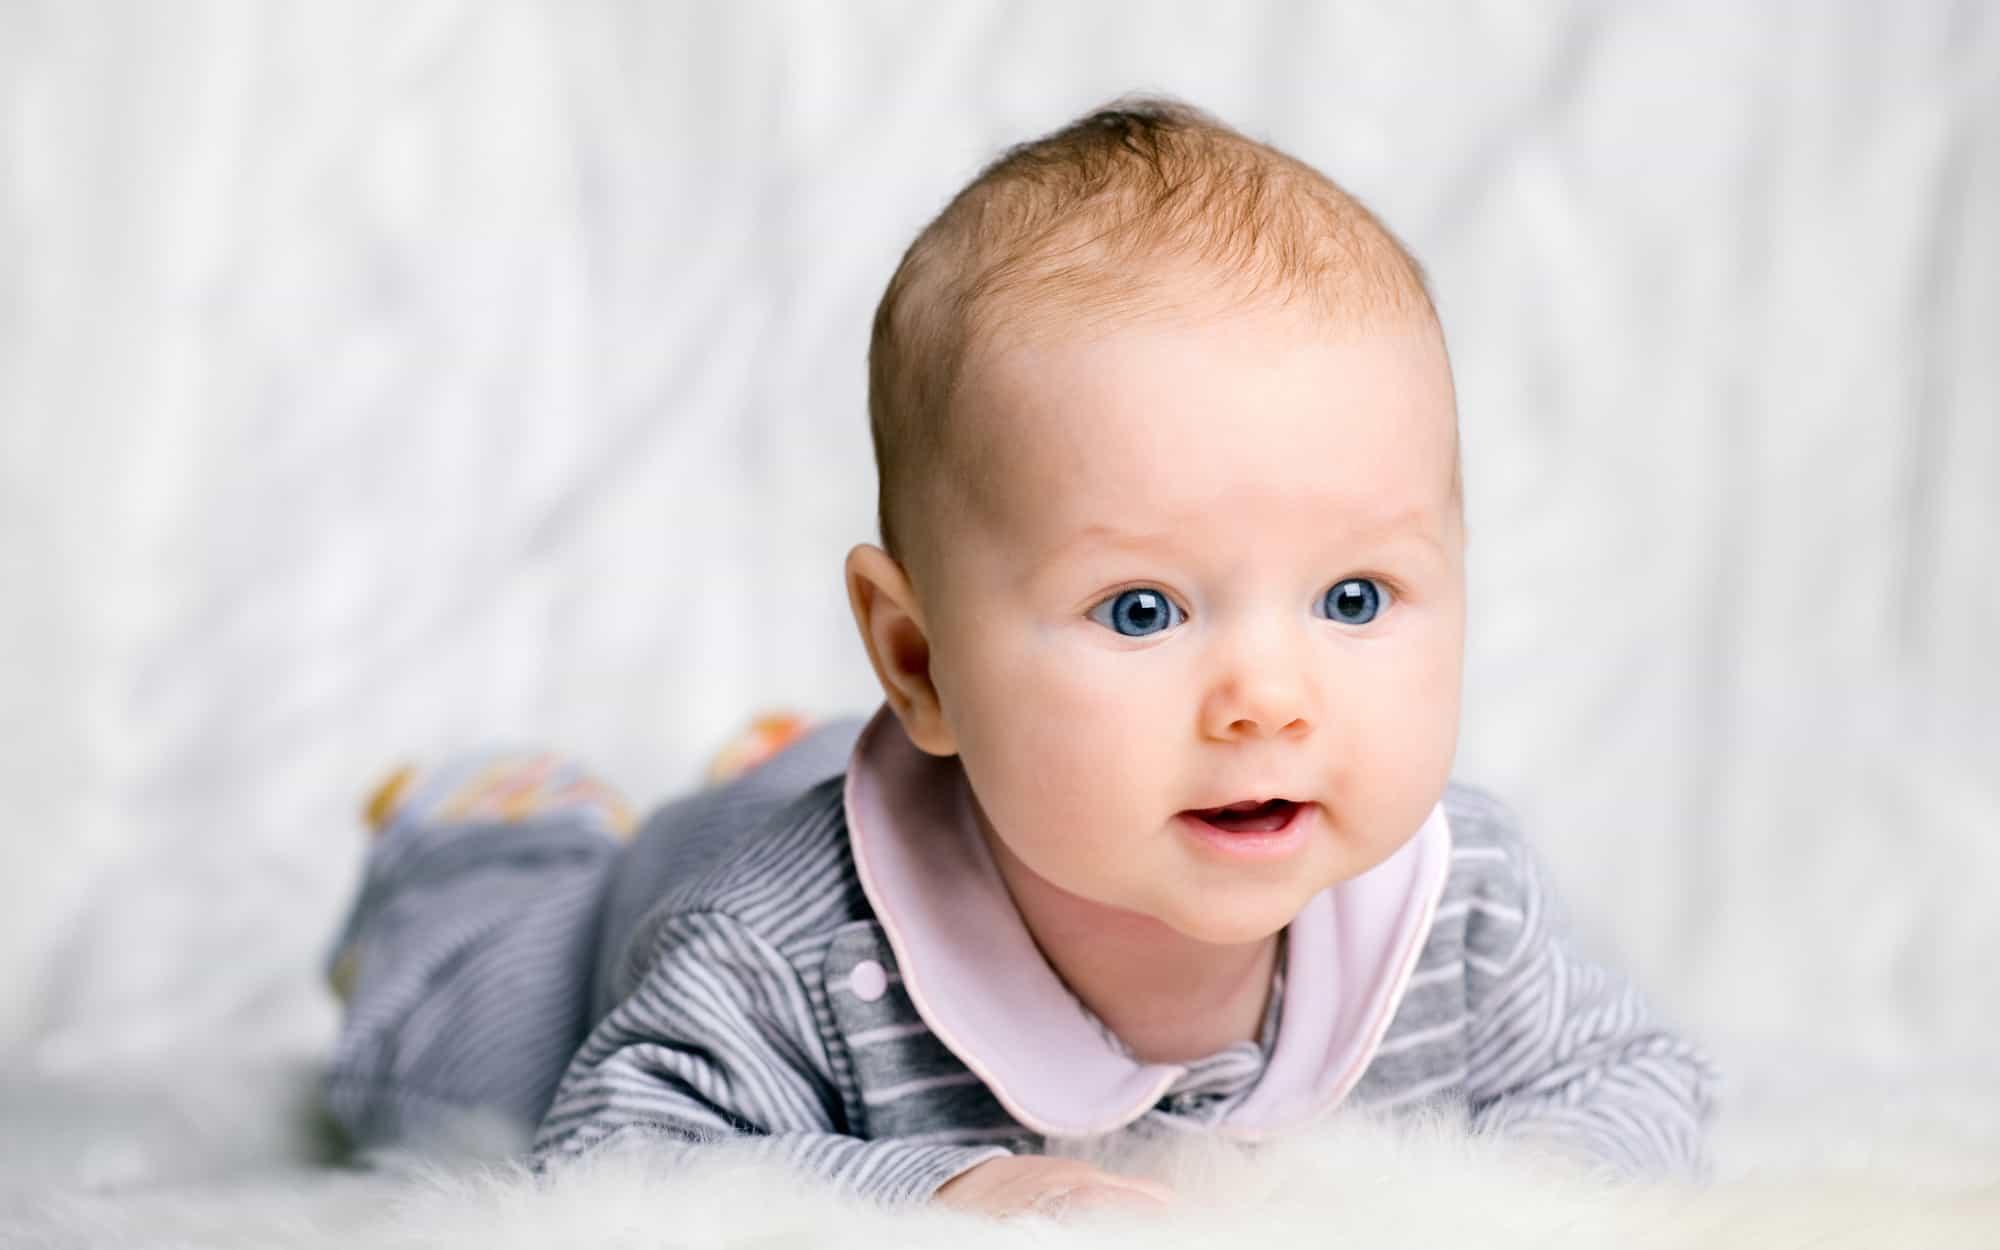 تنفس مع صوت لدى الرضيع